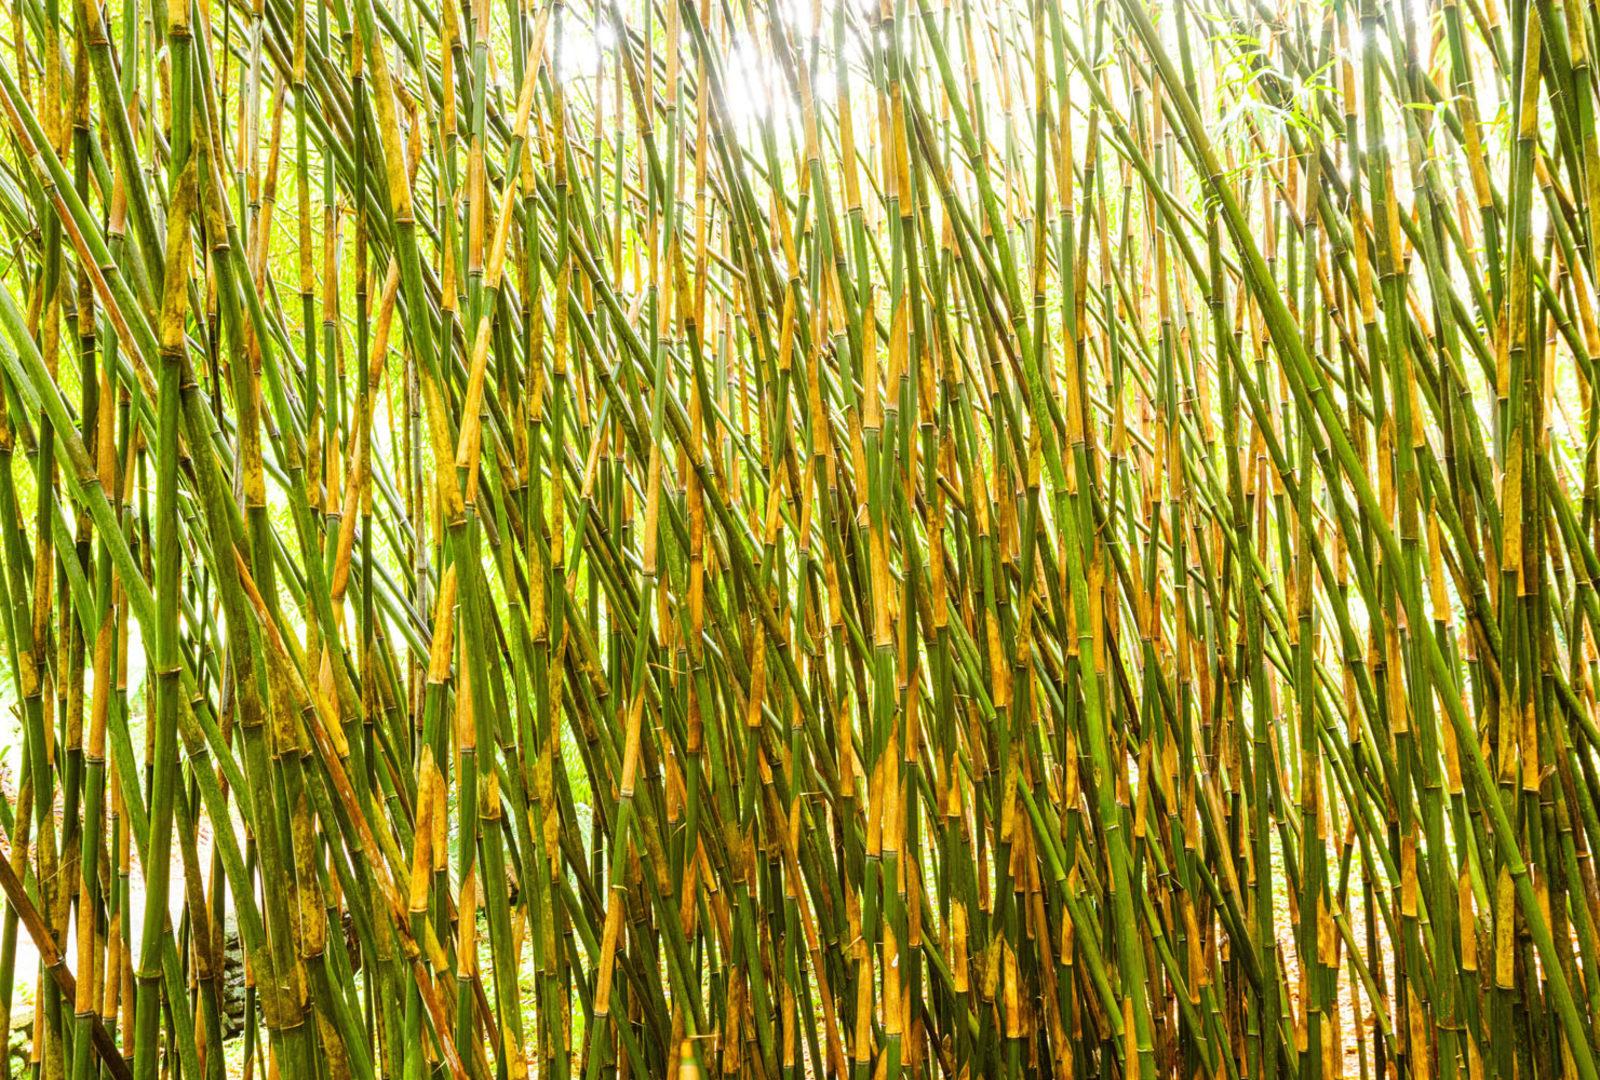 Yushania maling bamboo at trebah